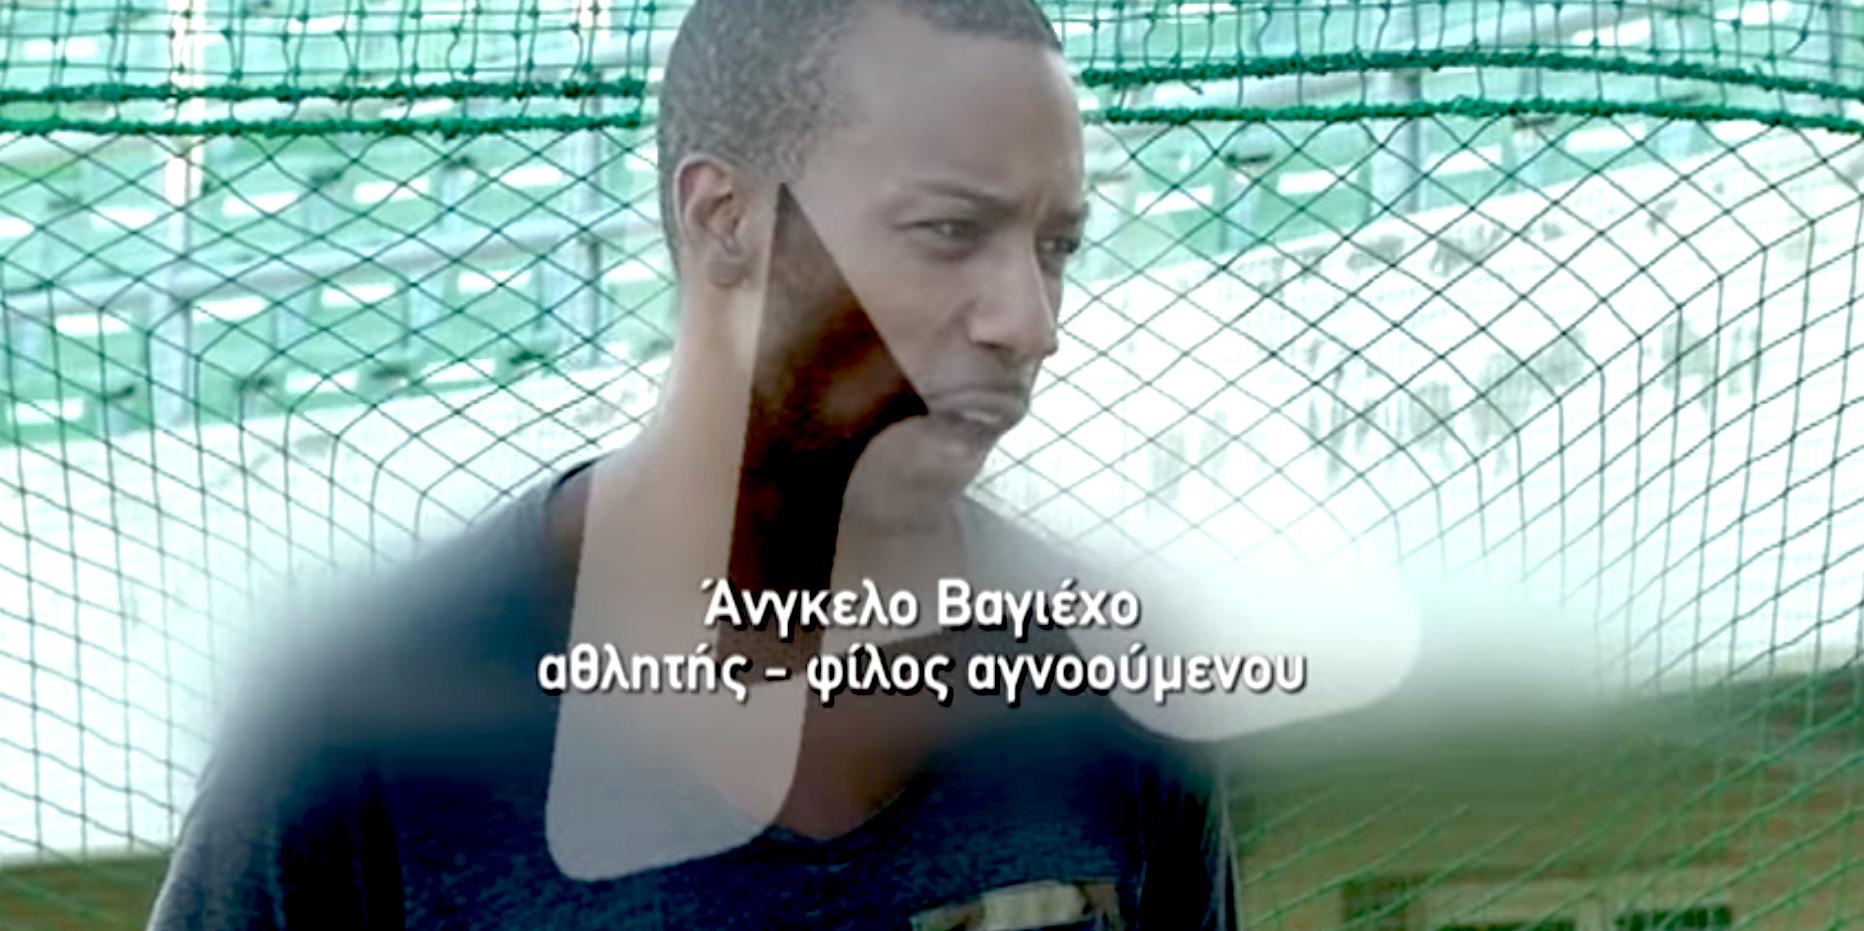 Ισόβια χωρίς ελαφρυντικά: Ο «δικηγόρος» που έπαιζε θέατρο στη Νικολούλη ήταν τελικά ο στυγνός δολοφόνος